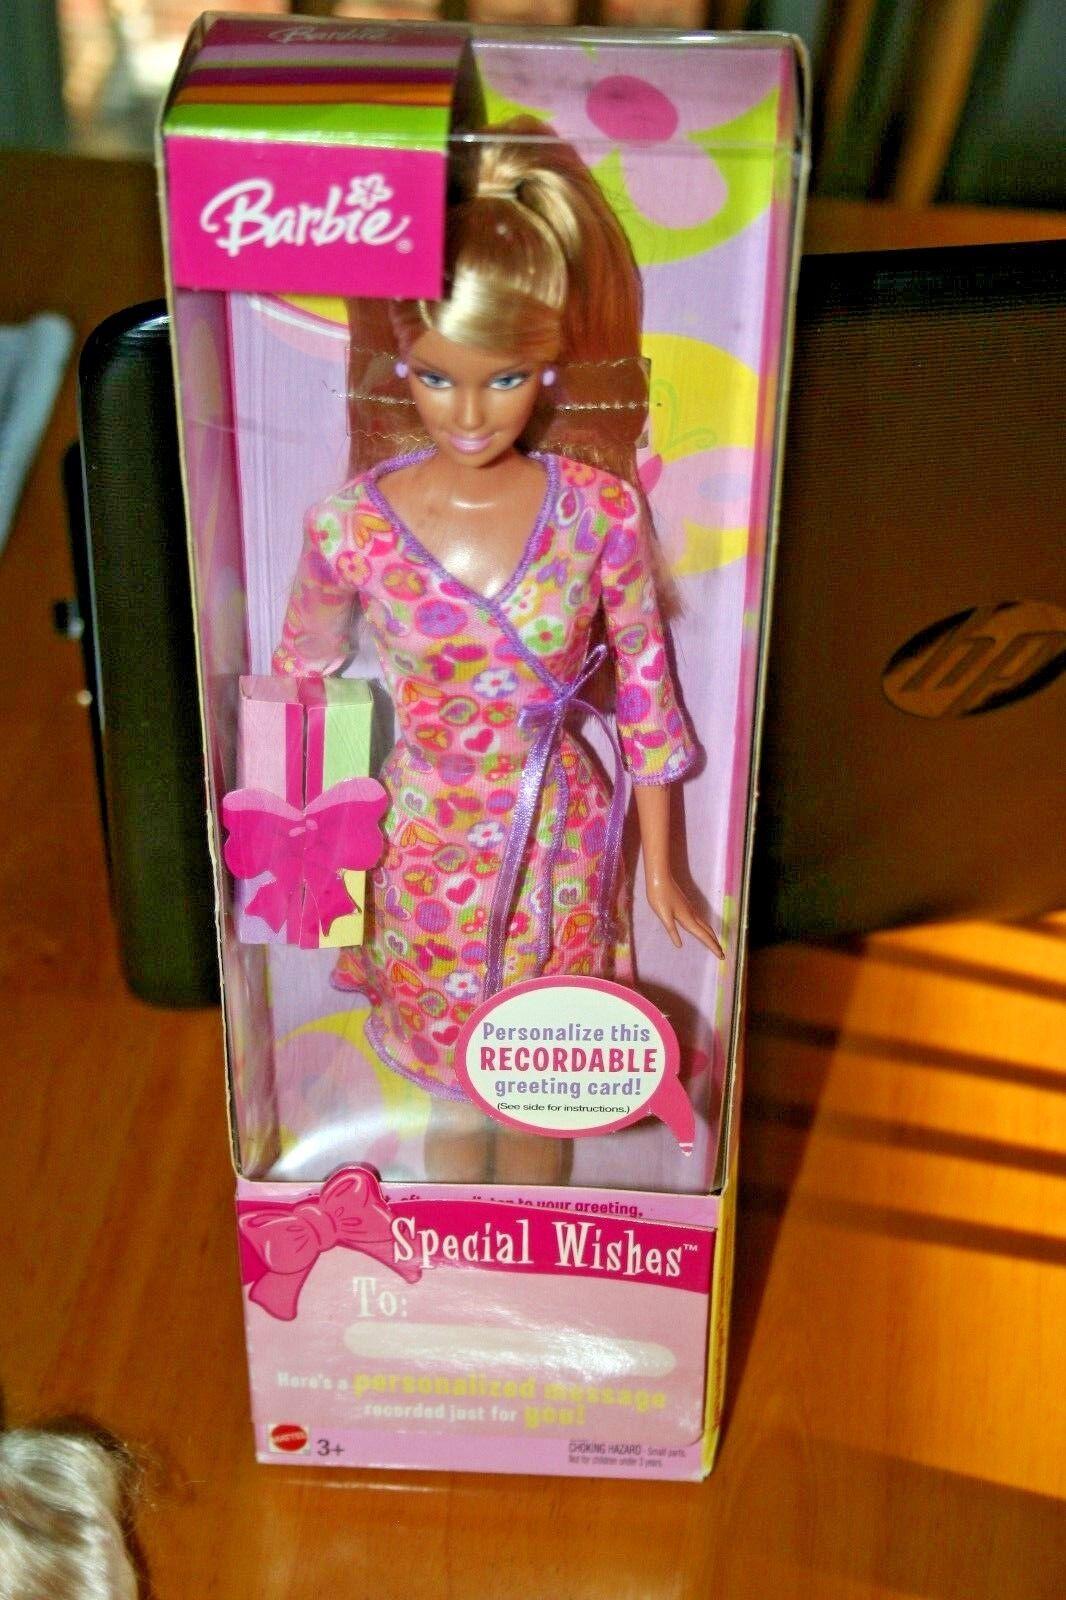 Muñeca Barbie 2003 deseos Especial-Nuevo En Caja-Caja de daño menores-se vende como está